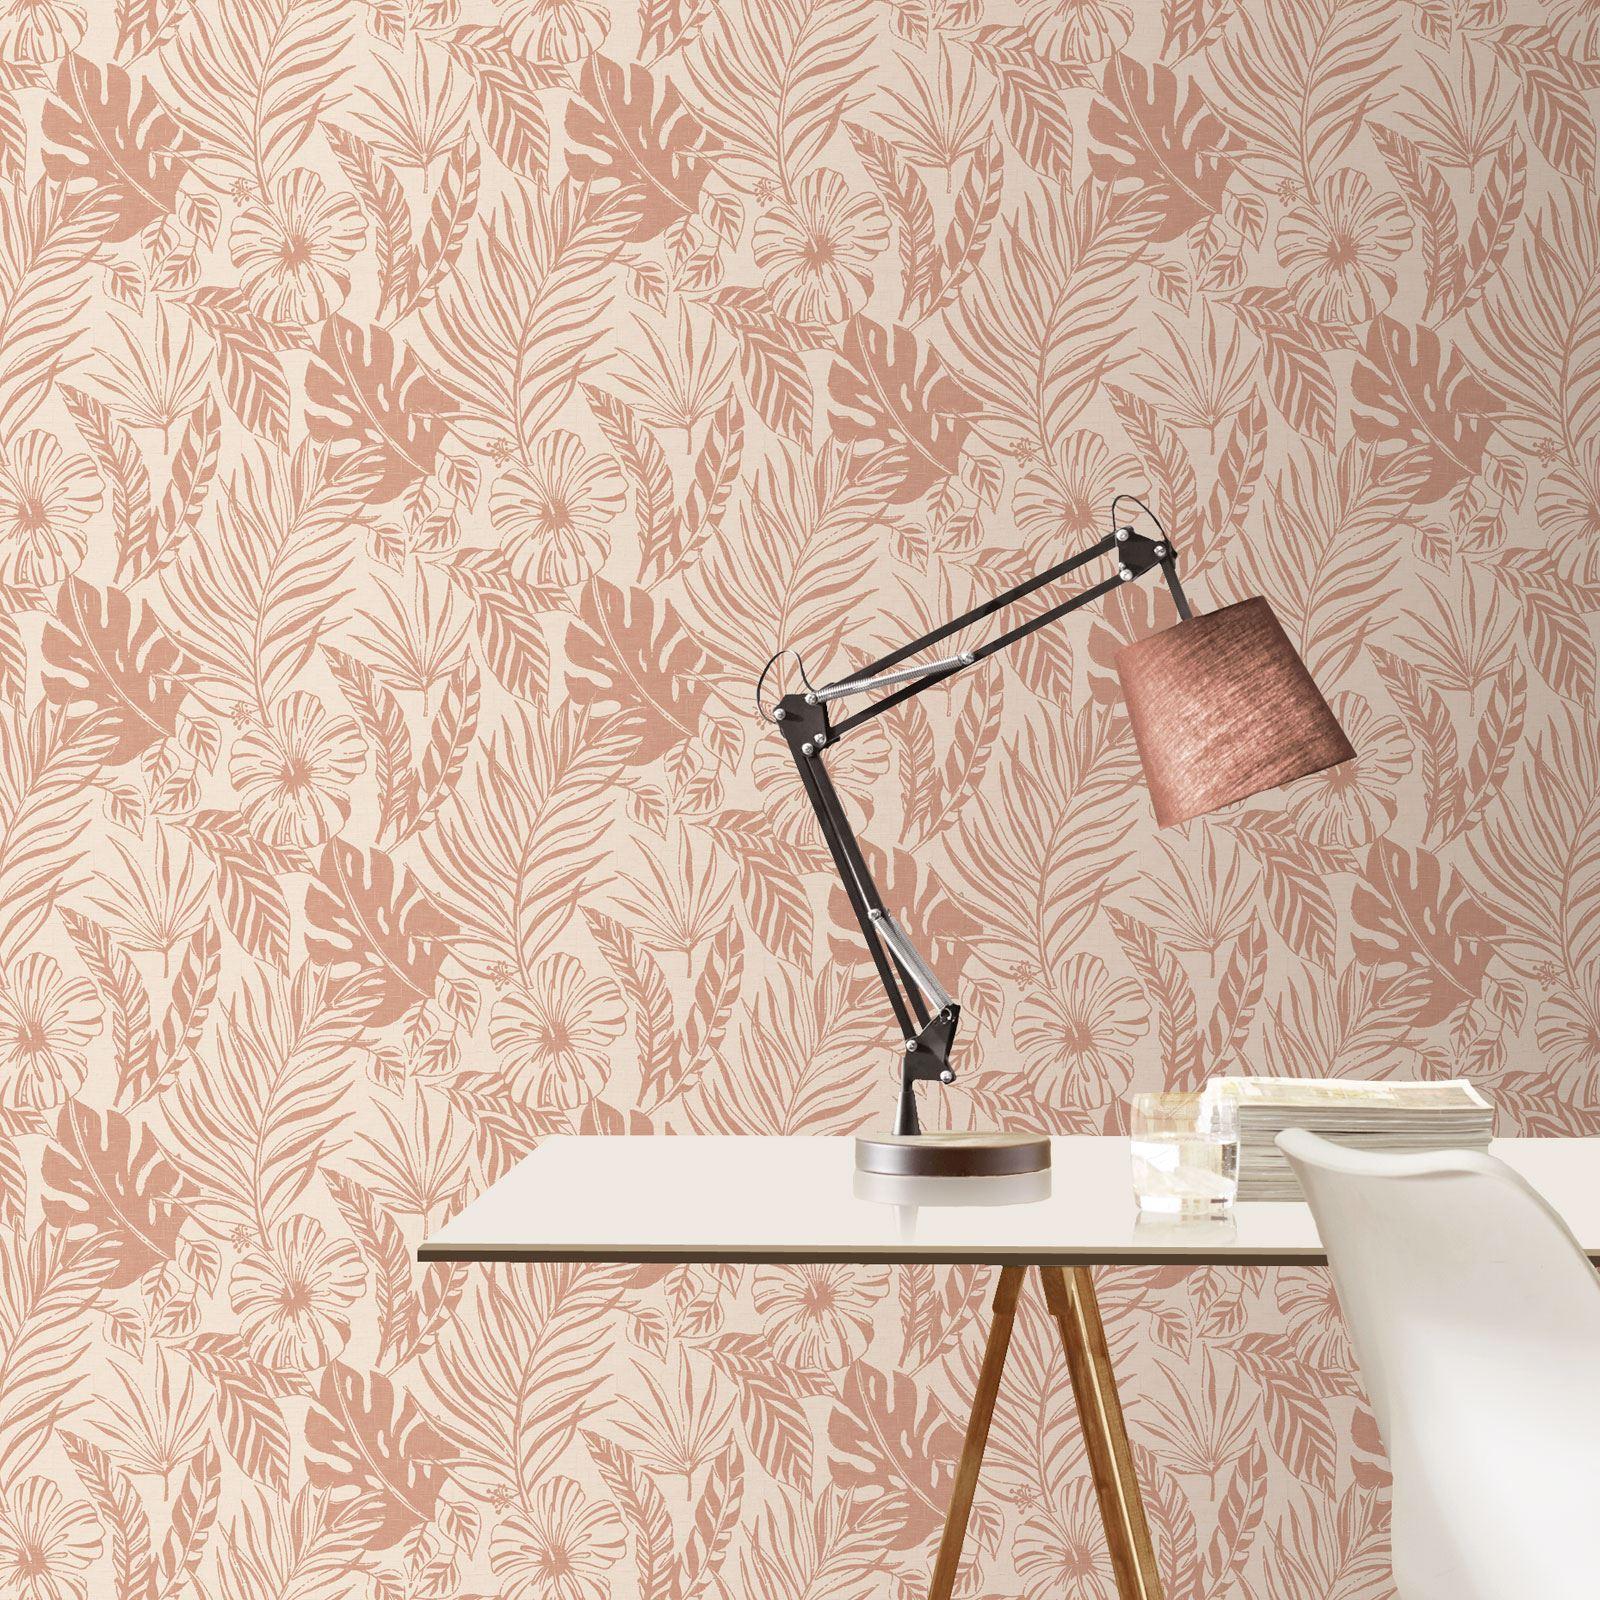 Rotgold-Tapete-Grau-Creme-Exotisch-Blumen-Tropisch-Palme-Blaetter-Geometrisch Indexbild 49